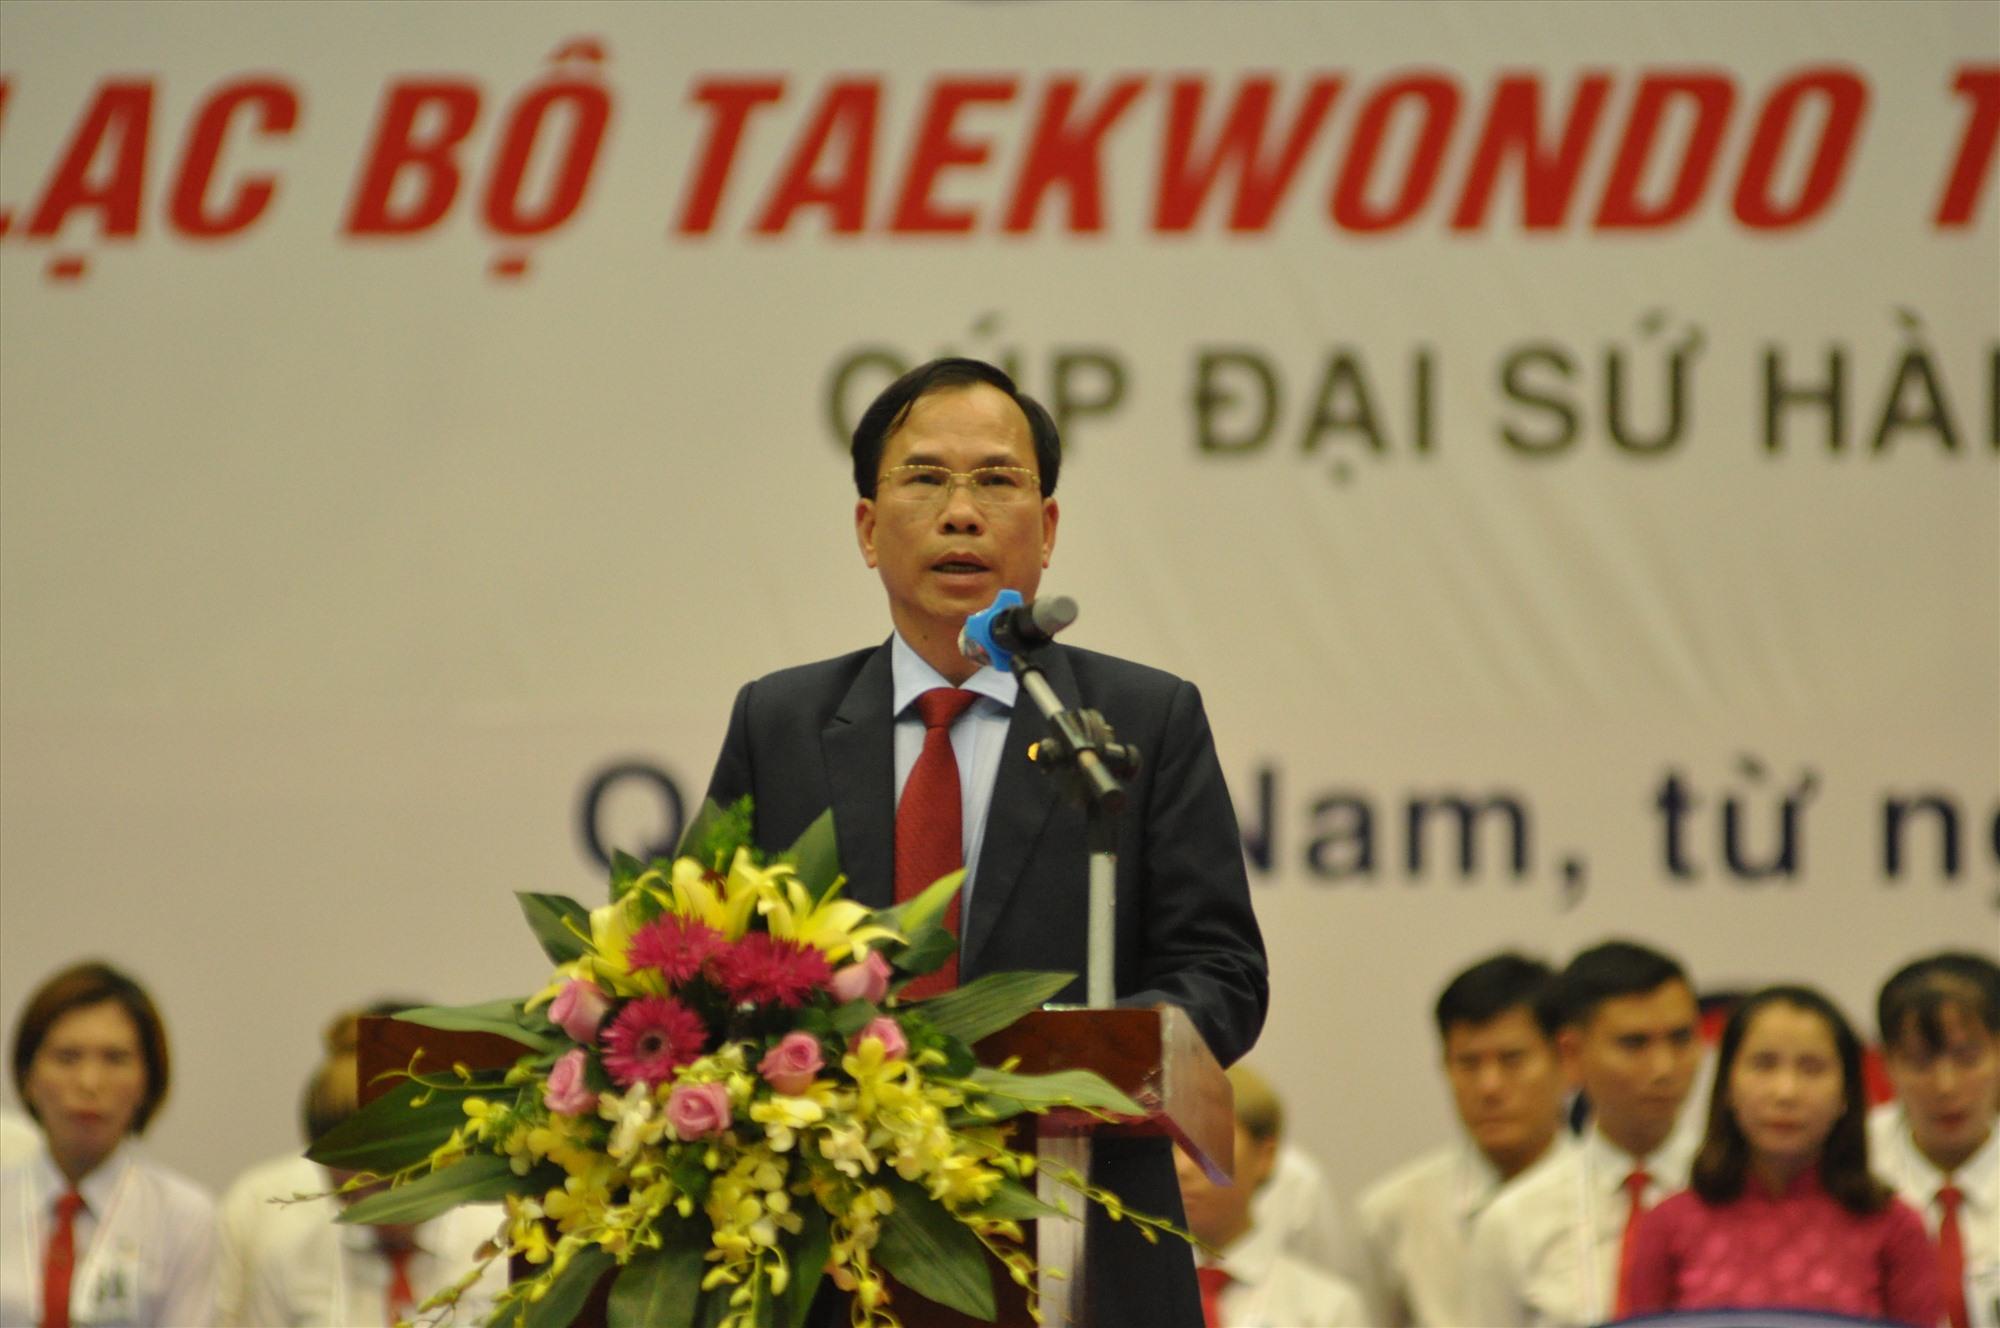 Giám đốc Sở VH-TT&DL Nguyễn Thanh Hồng phát biểu khai mạc giải. Ảnh: T.V